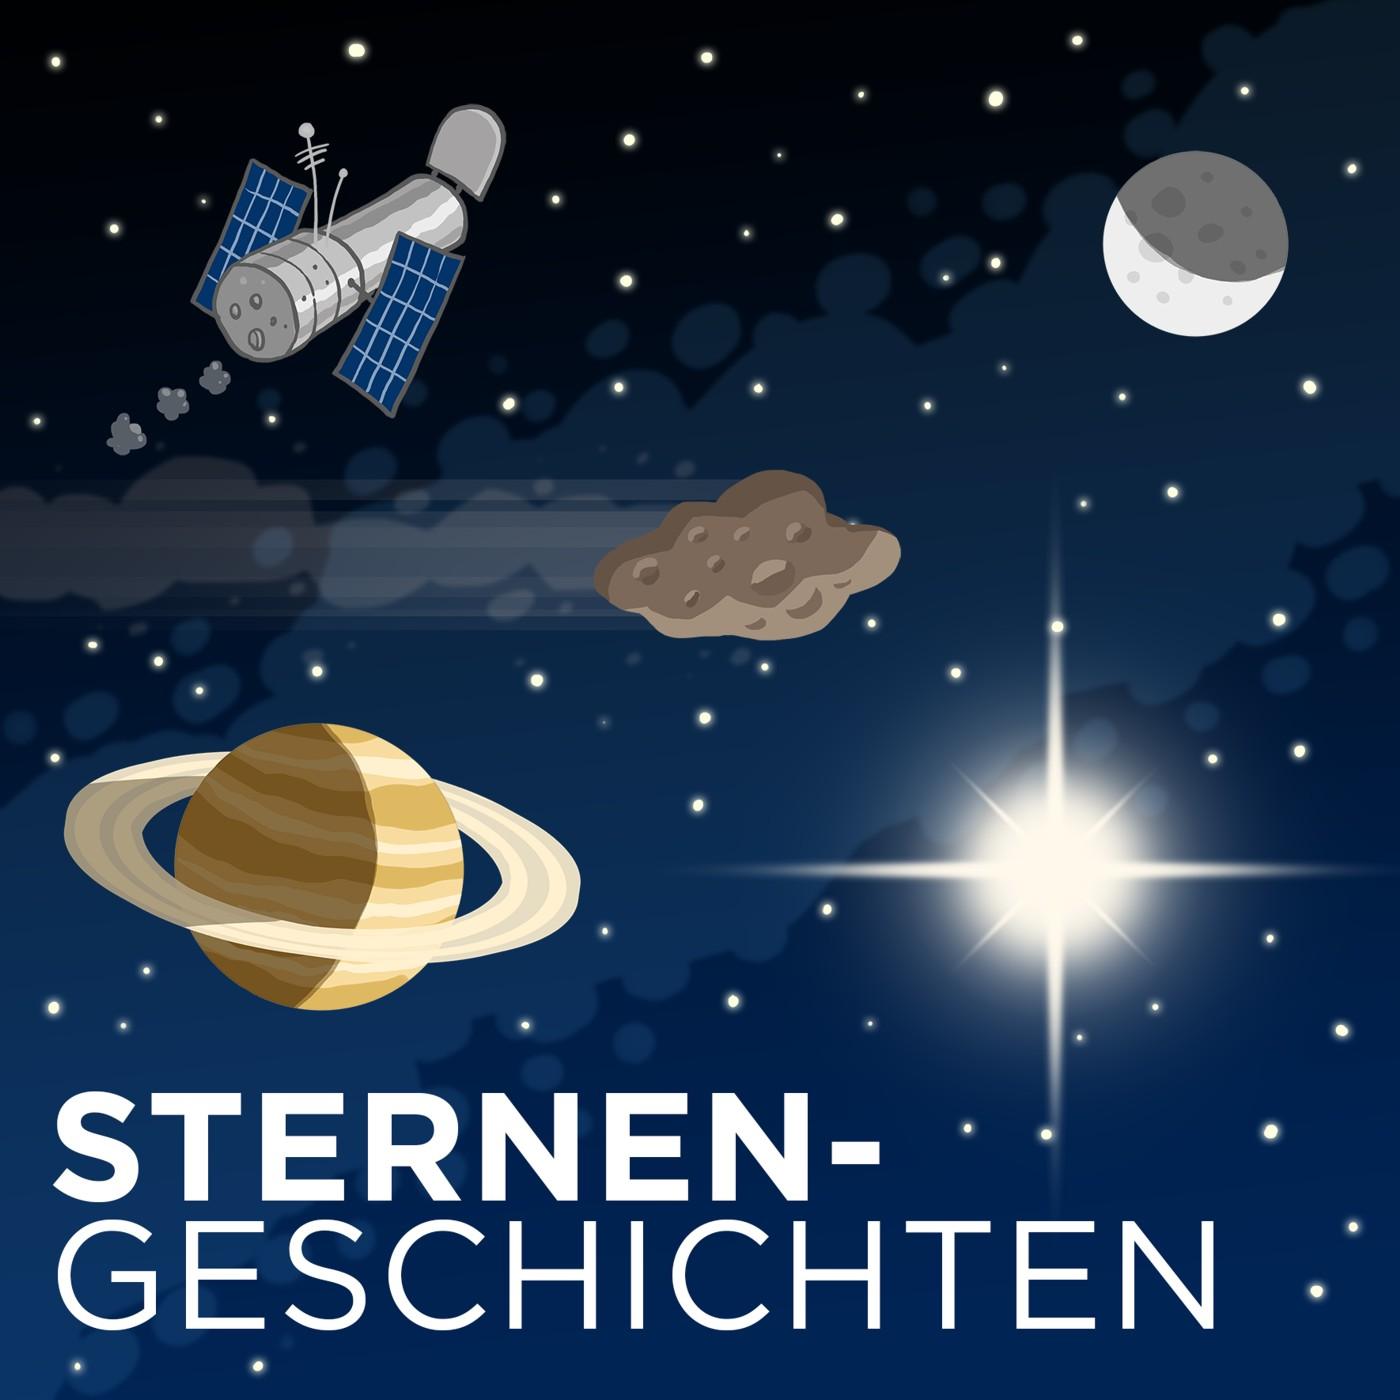 Sternengeschichten Folge 377: Morgenstern, Abendstern und Venuslichter